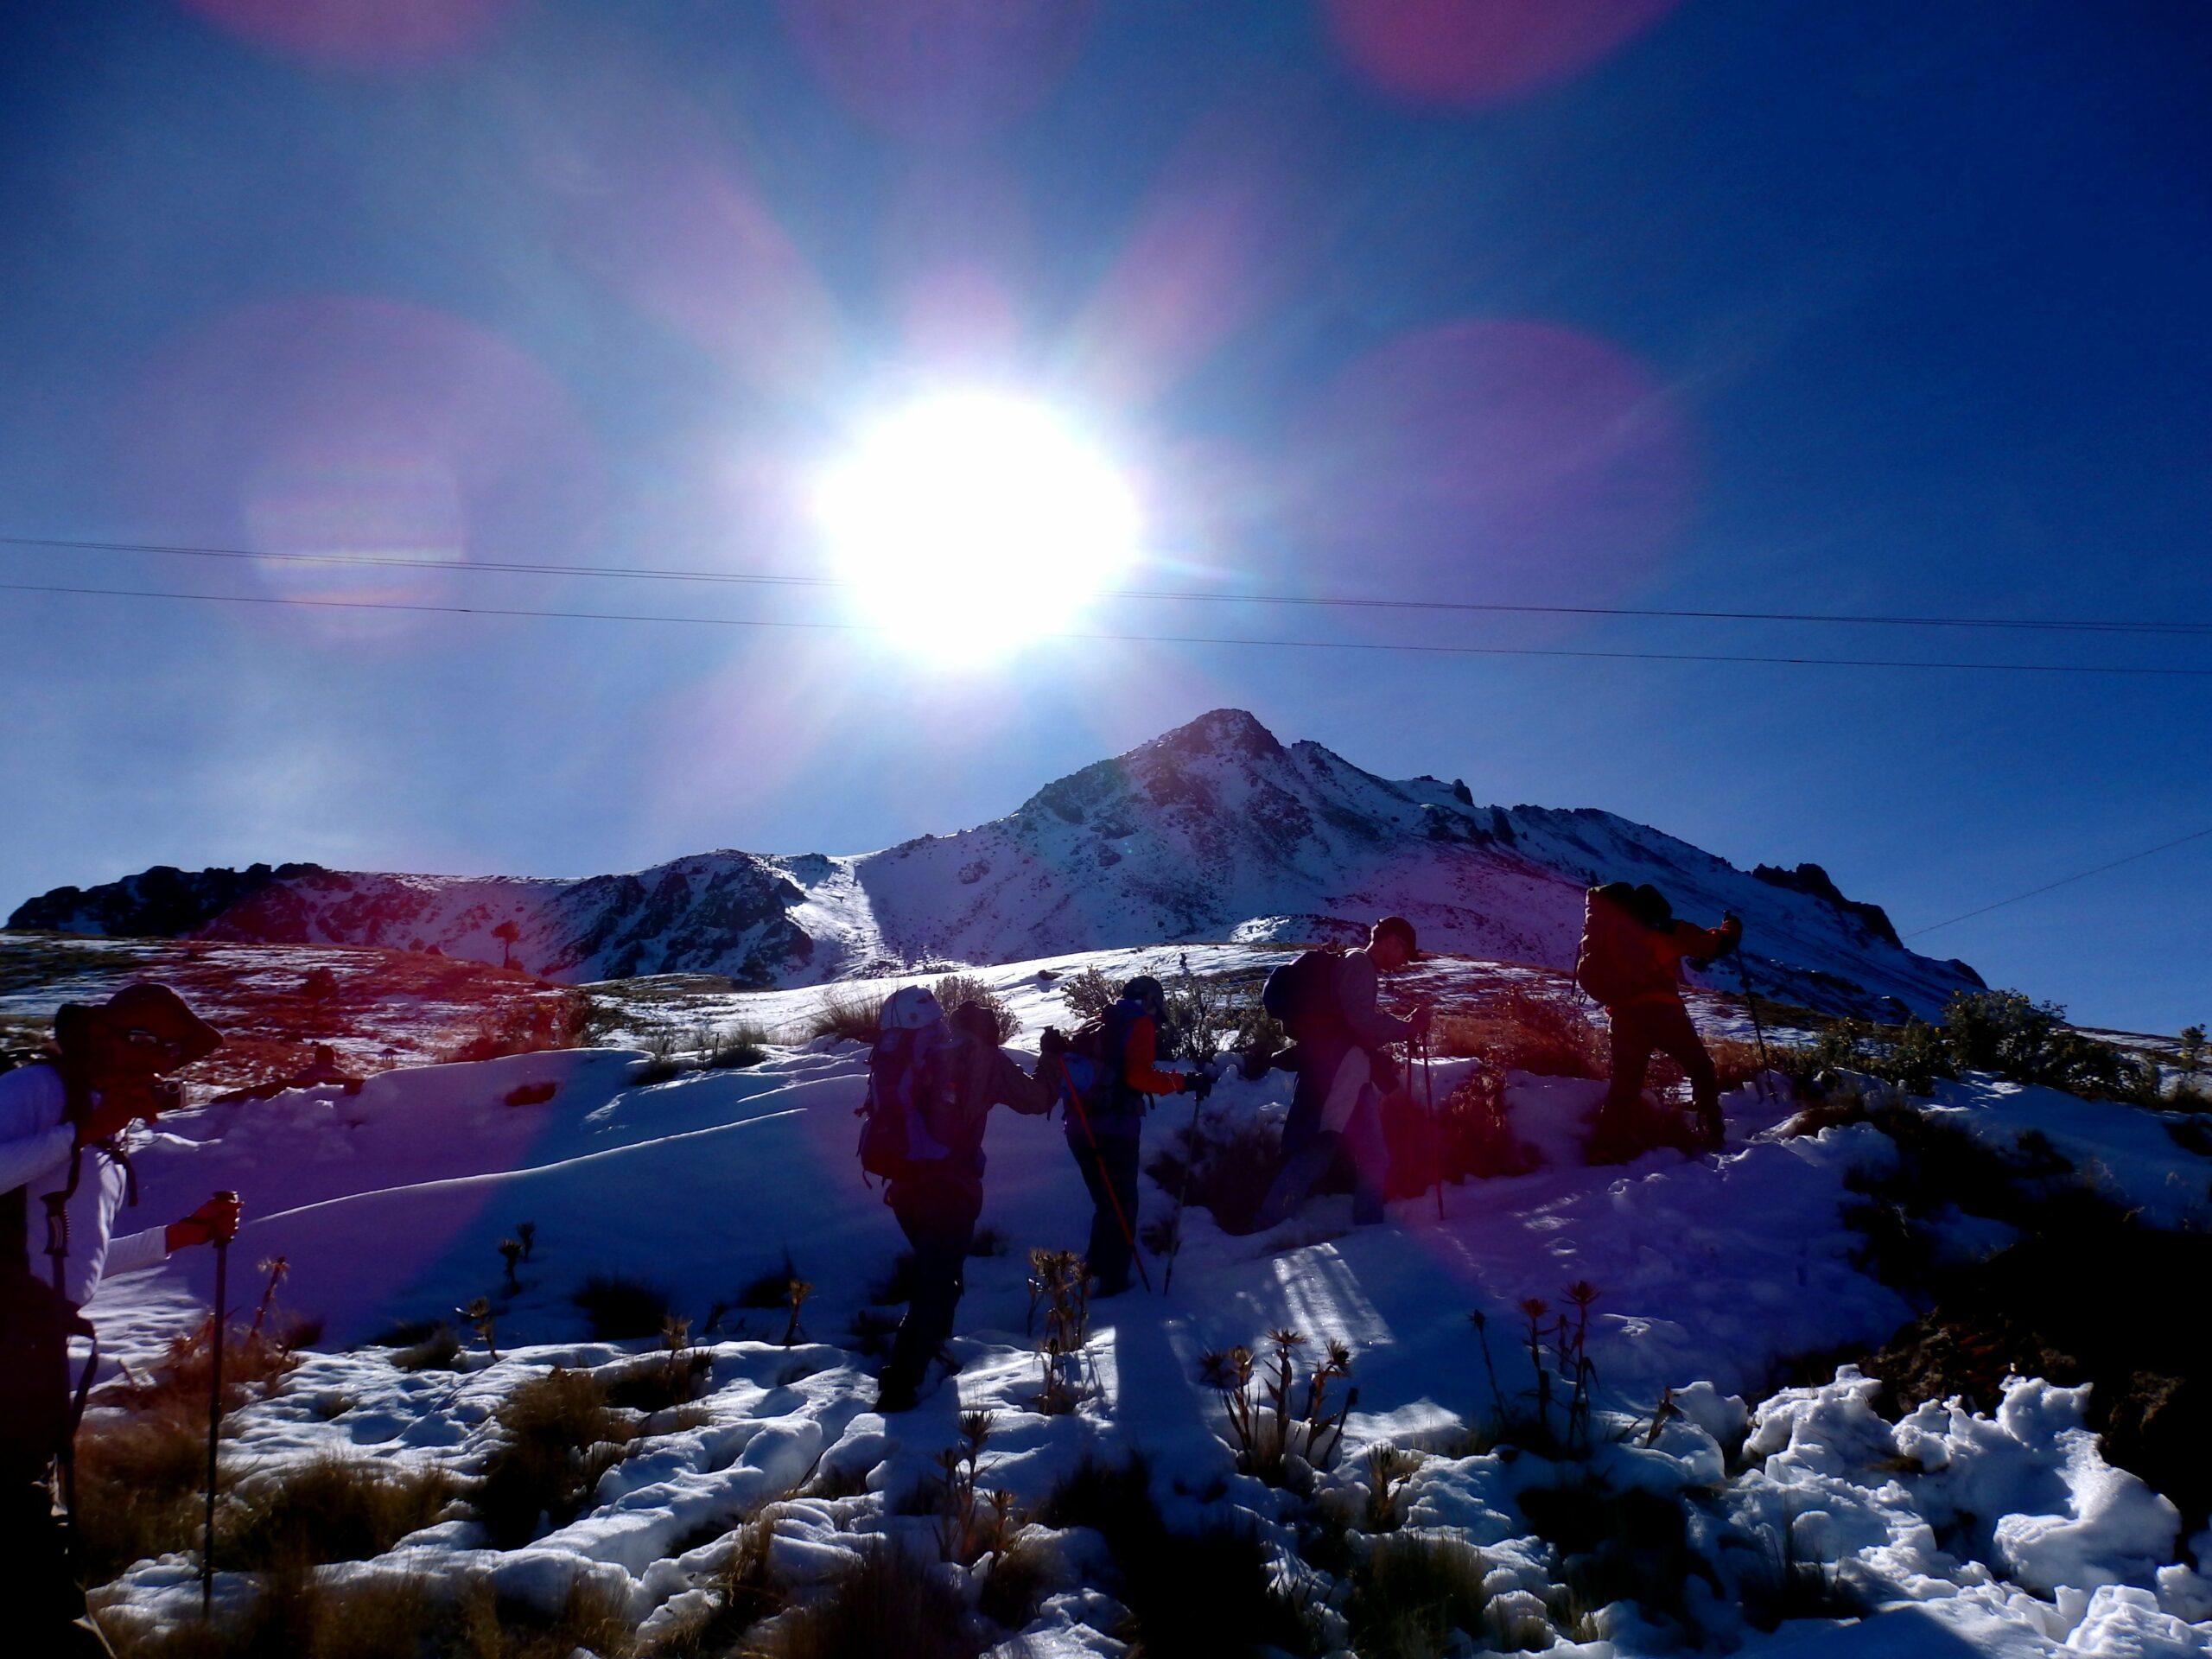 Nevado de Toluca summit